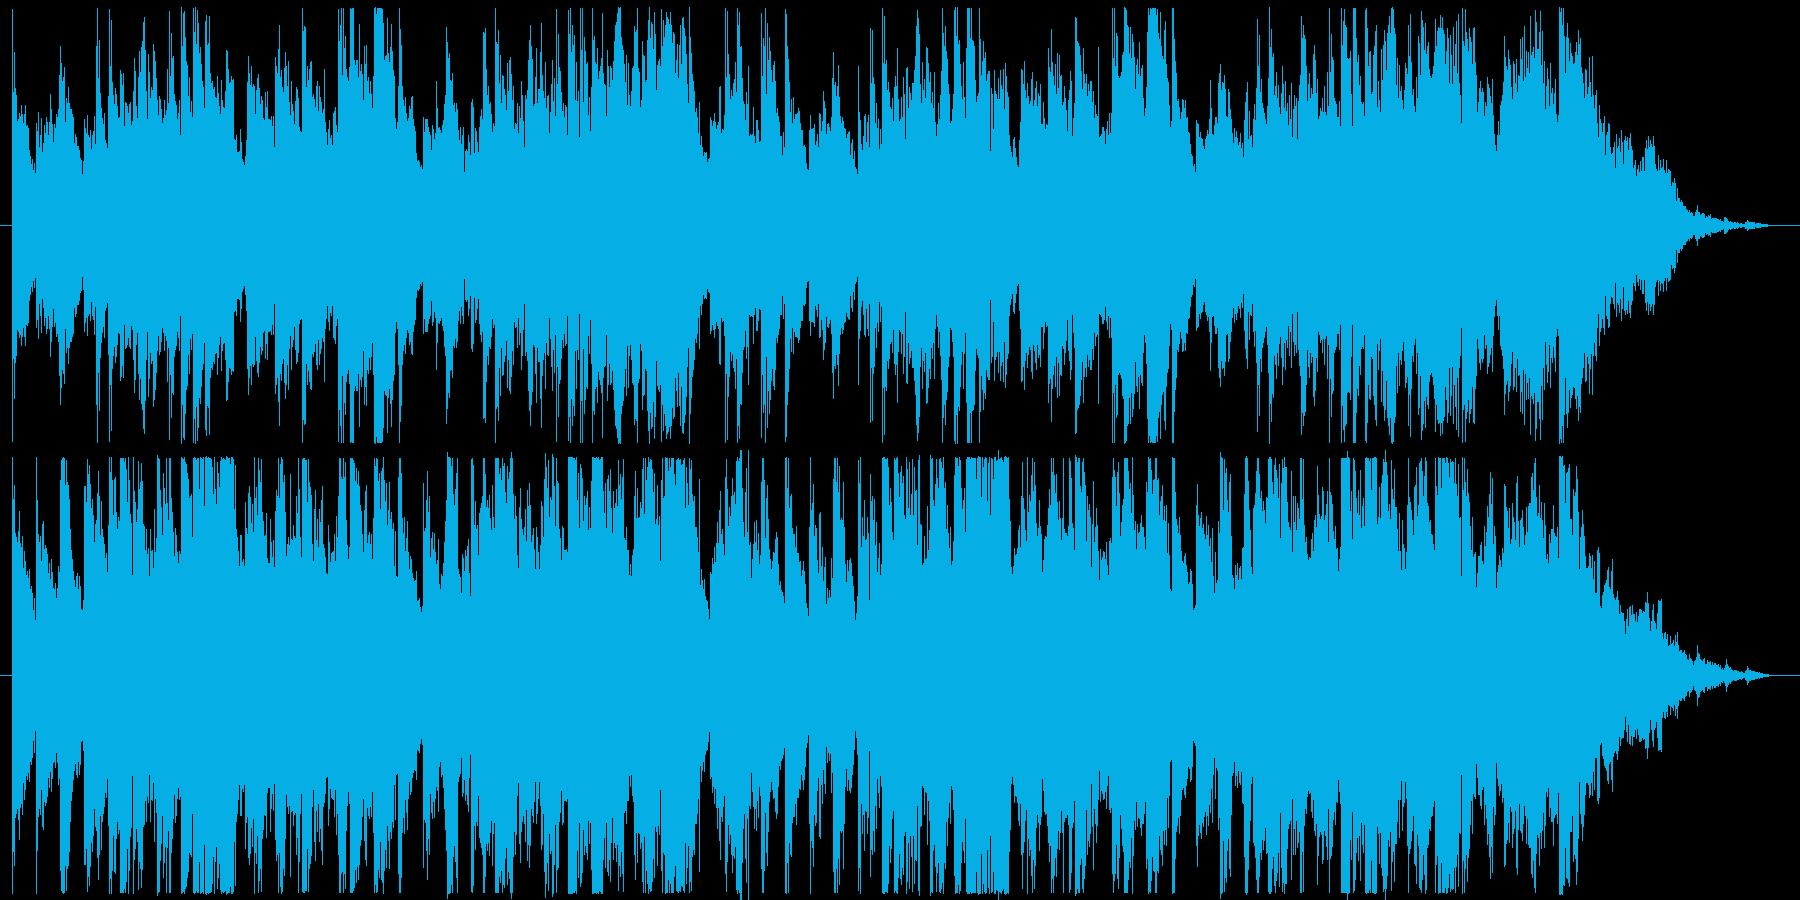 幻想的。民族楽器&オーケストラ風の再生済みの波形